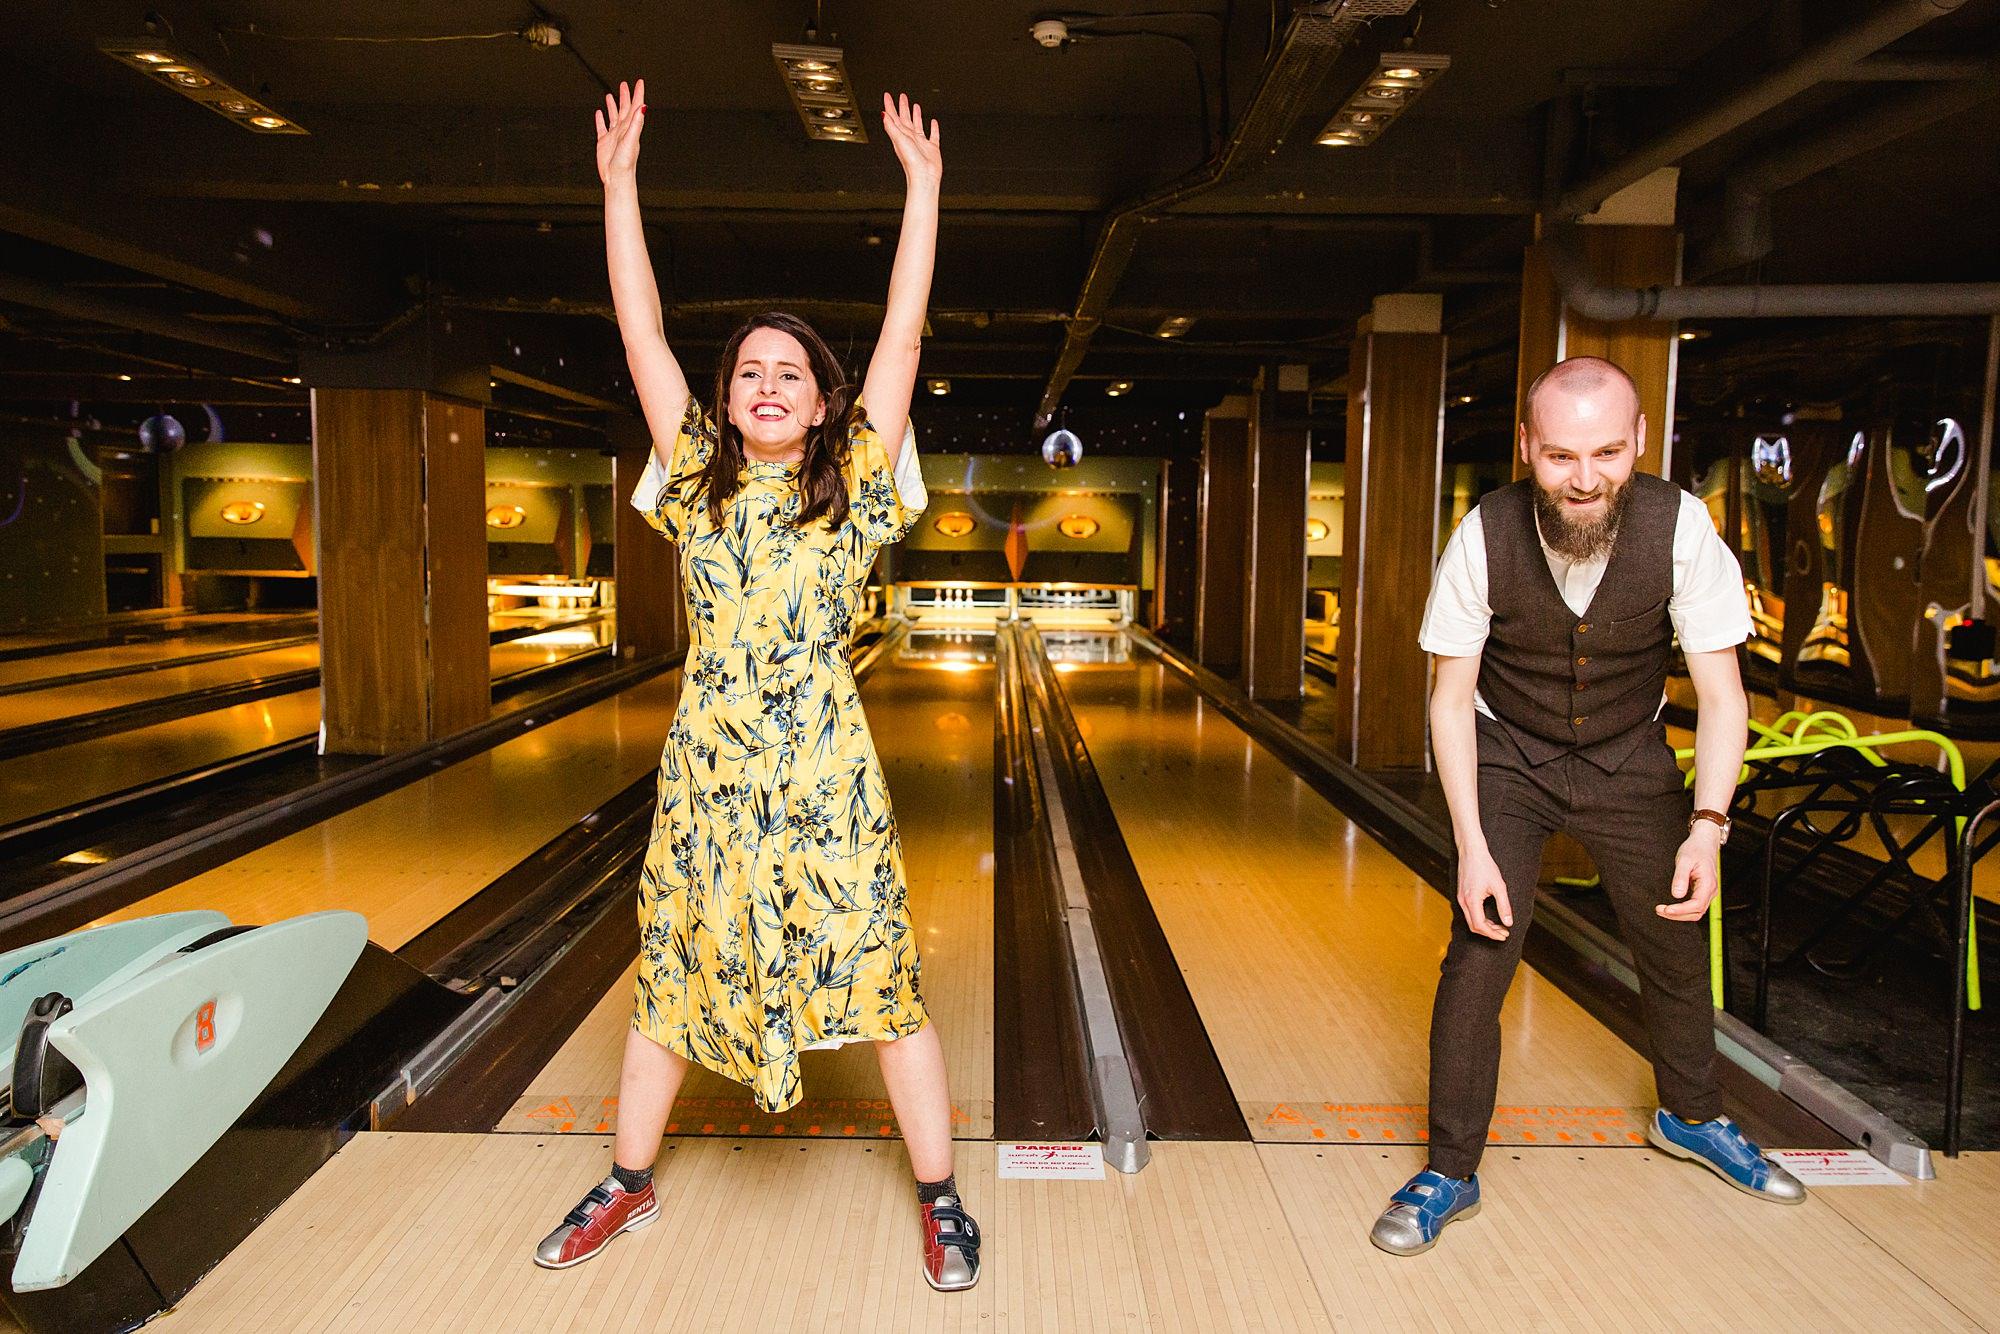 fun london wedding bowling fun guests cheering